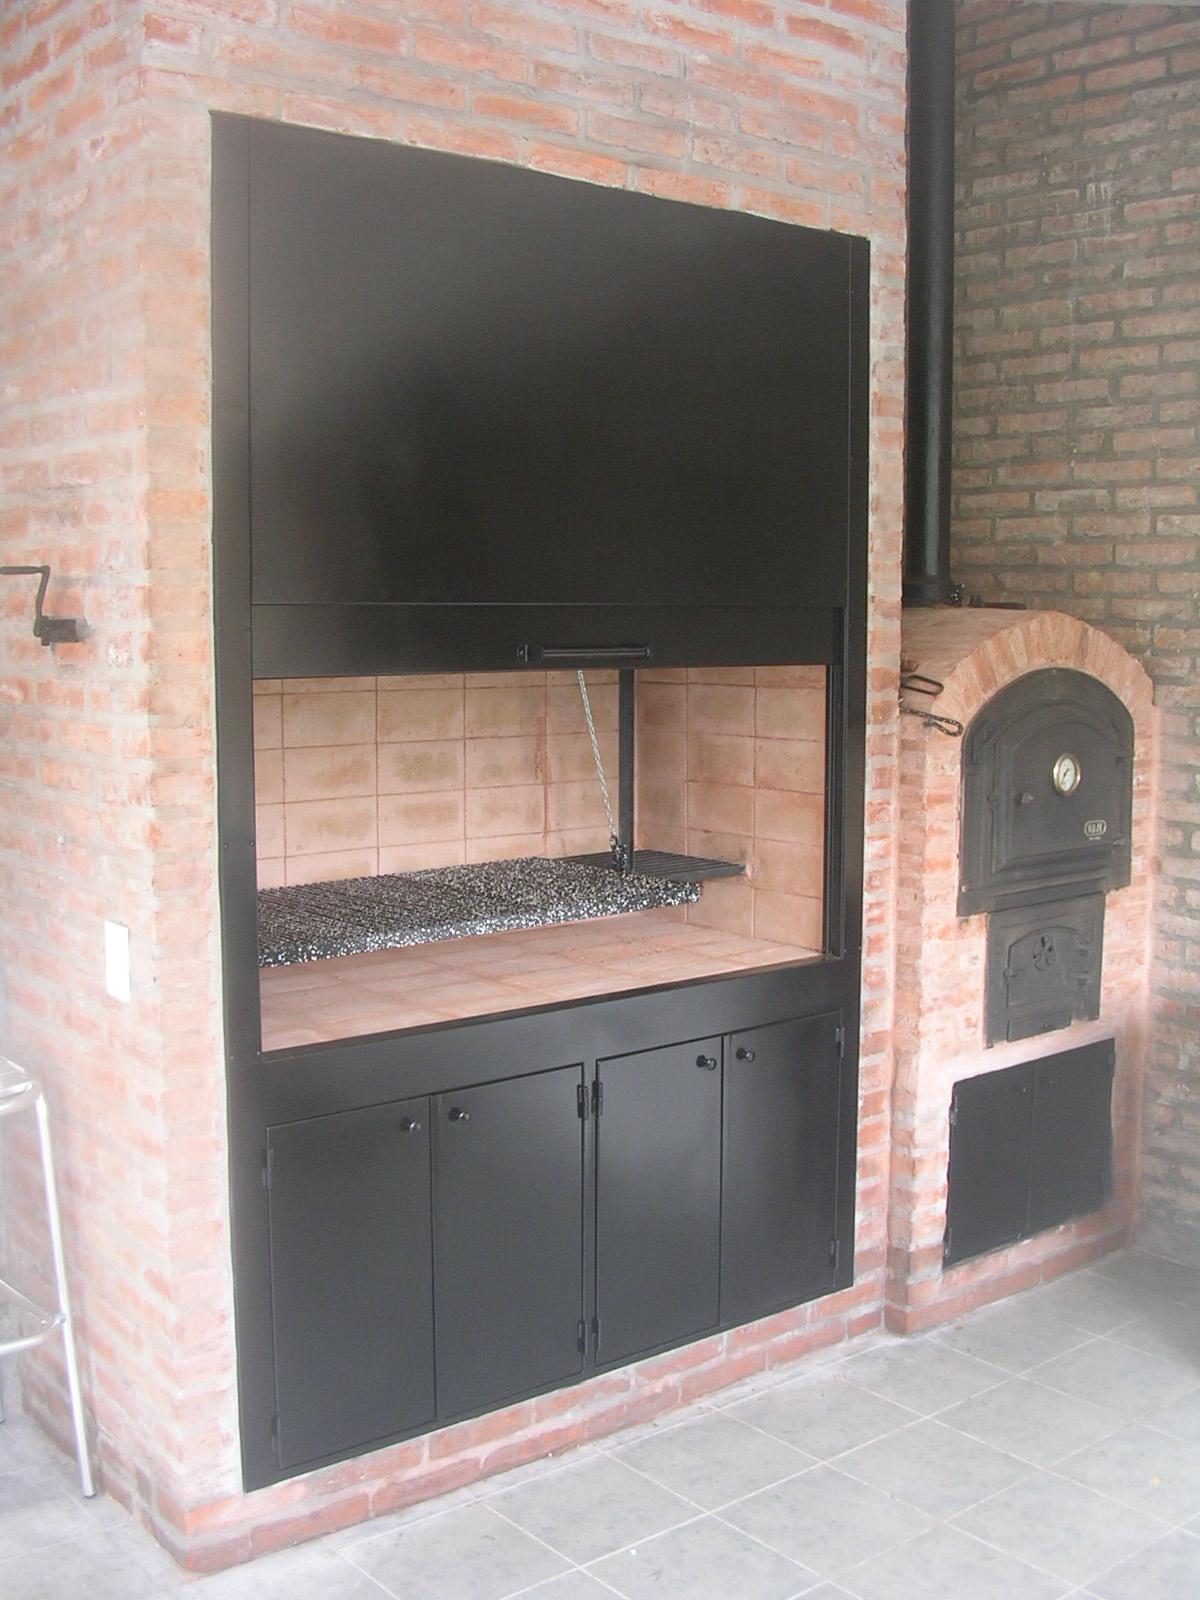 Pablo dibar arquitecto casa boating club remodelacion de parrilla y horno a lena - Parrillas y hornos a lena ...